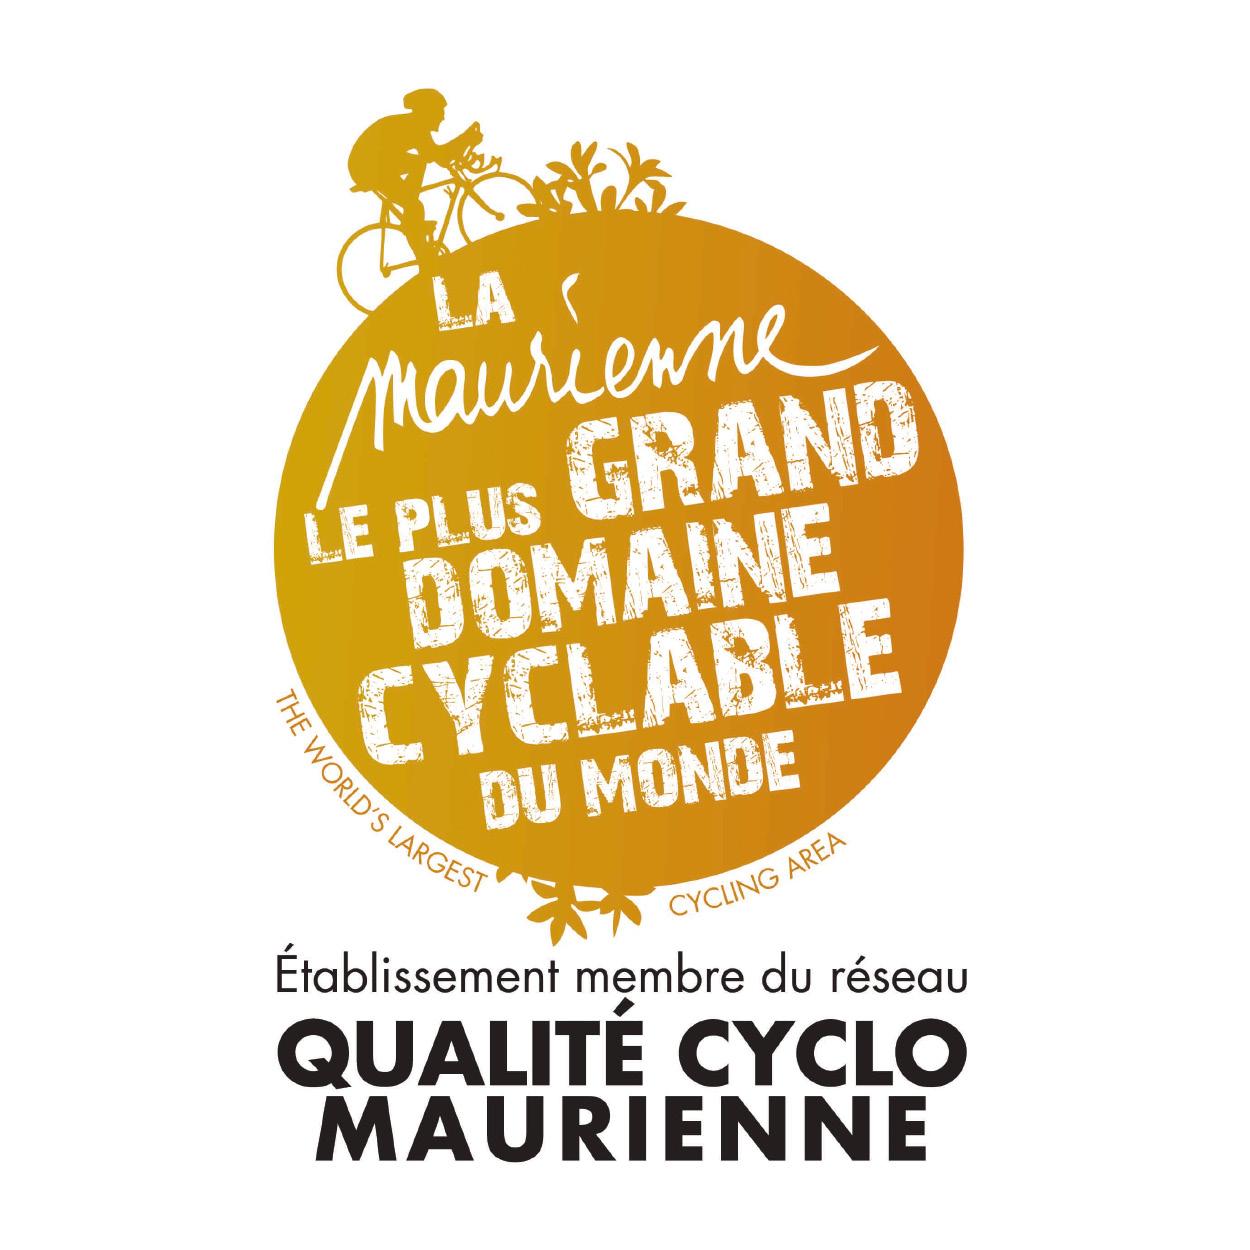 Hotel Saint-Georges Saint Jean de Maurienne Savoie accueil vélo label cyclistes qualité cyclo maurienne